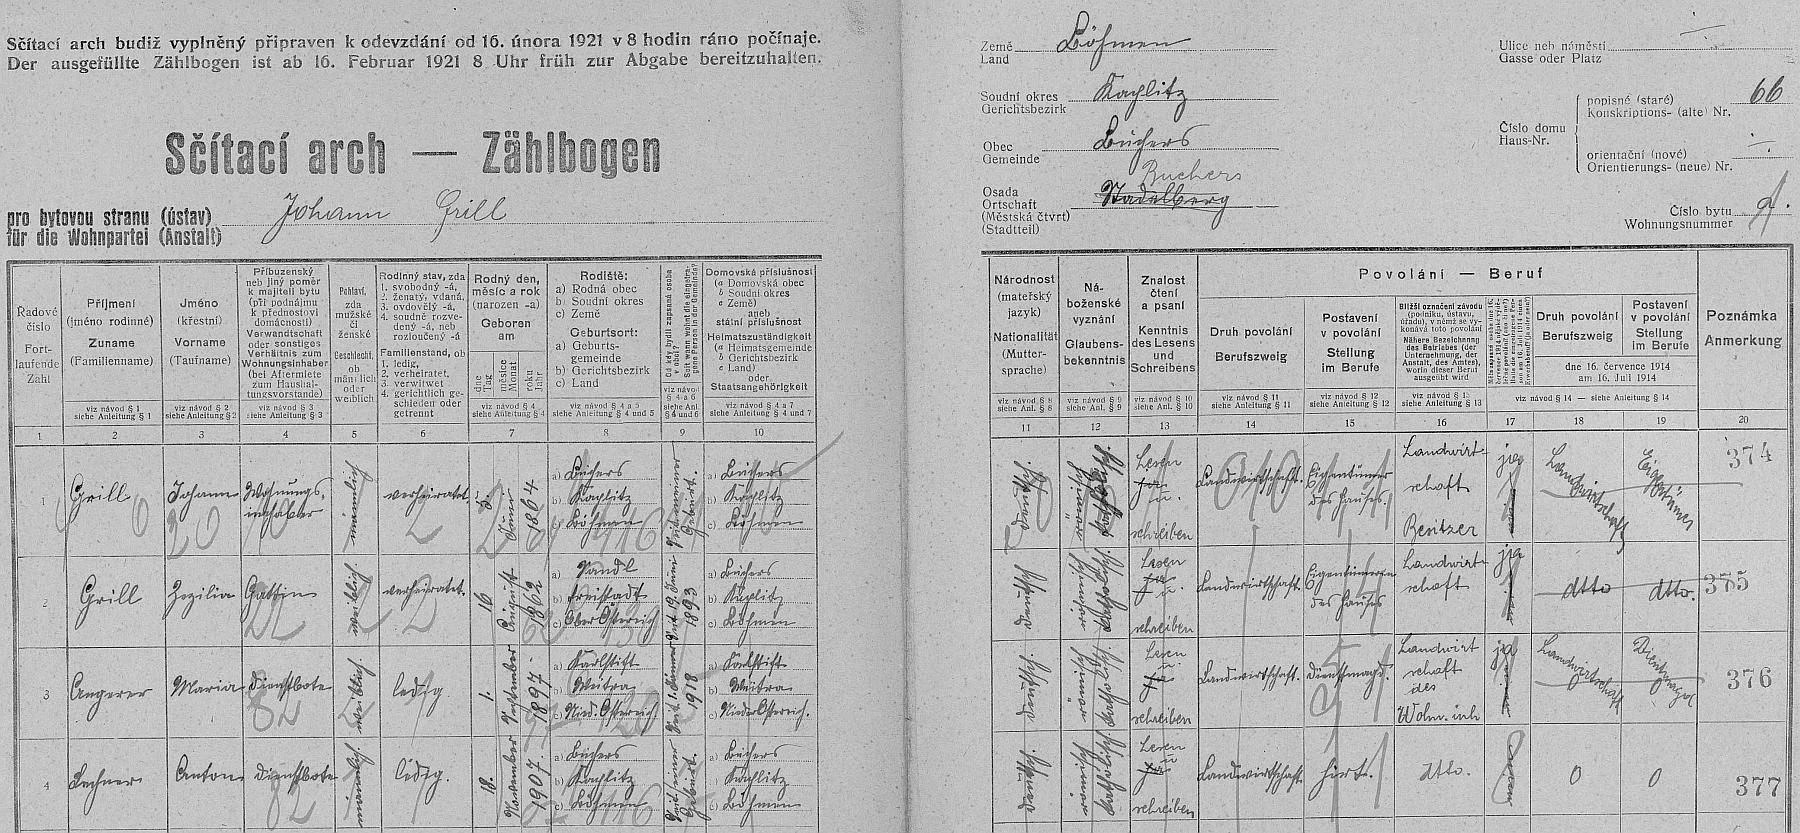 Arch sčítání lidu z roku 1921 pro dům čp. 66 v Pohoří na Šumavě i s ním